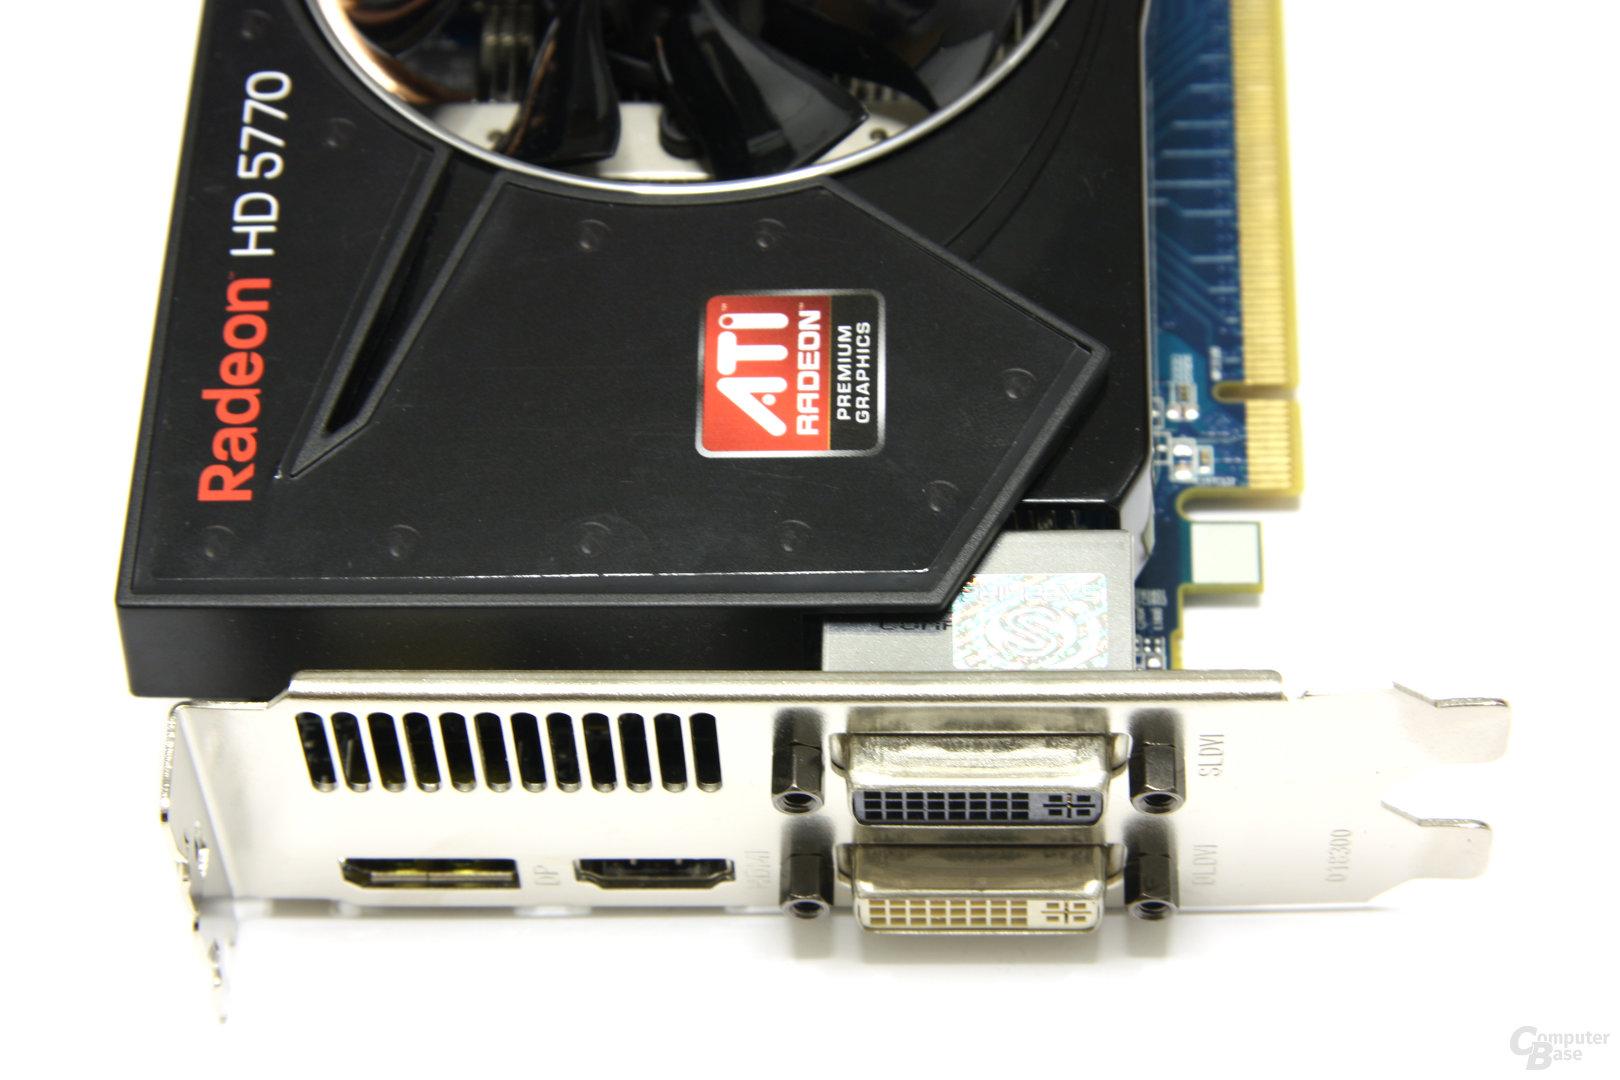 Radeon HD 5770 Flex Anschlüsse